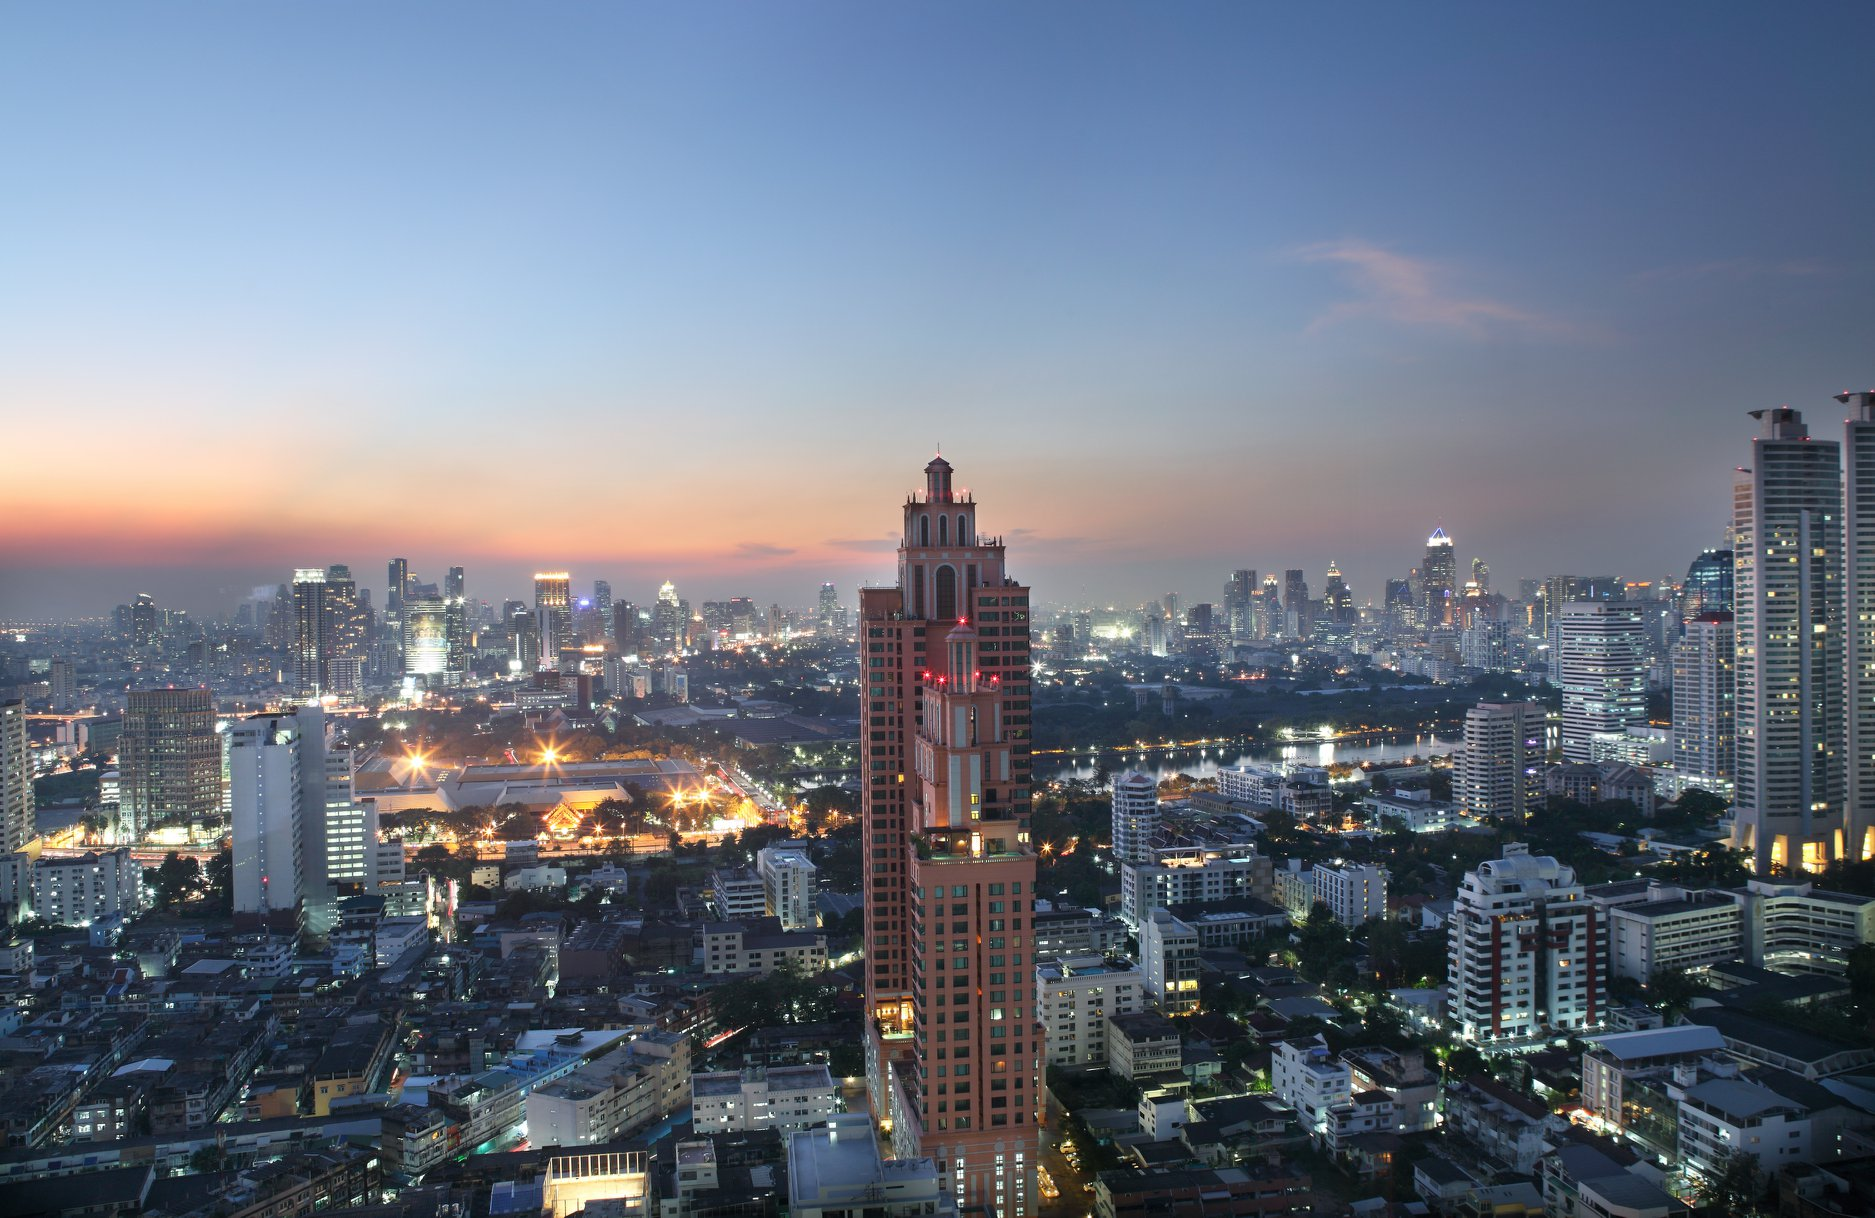 タイのホテルベスト10は?「2021 トラベラーズチョイス ベスト・オブ・ザ・ベスト ホテル」